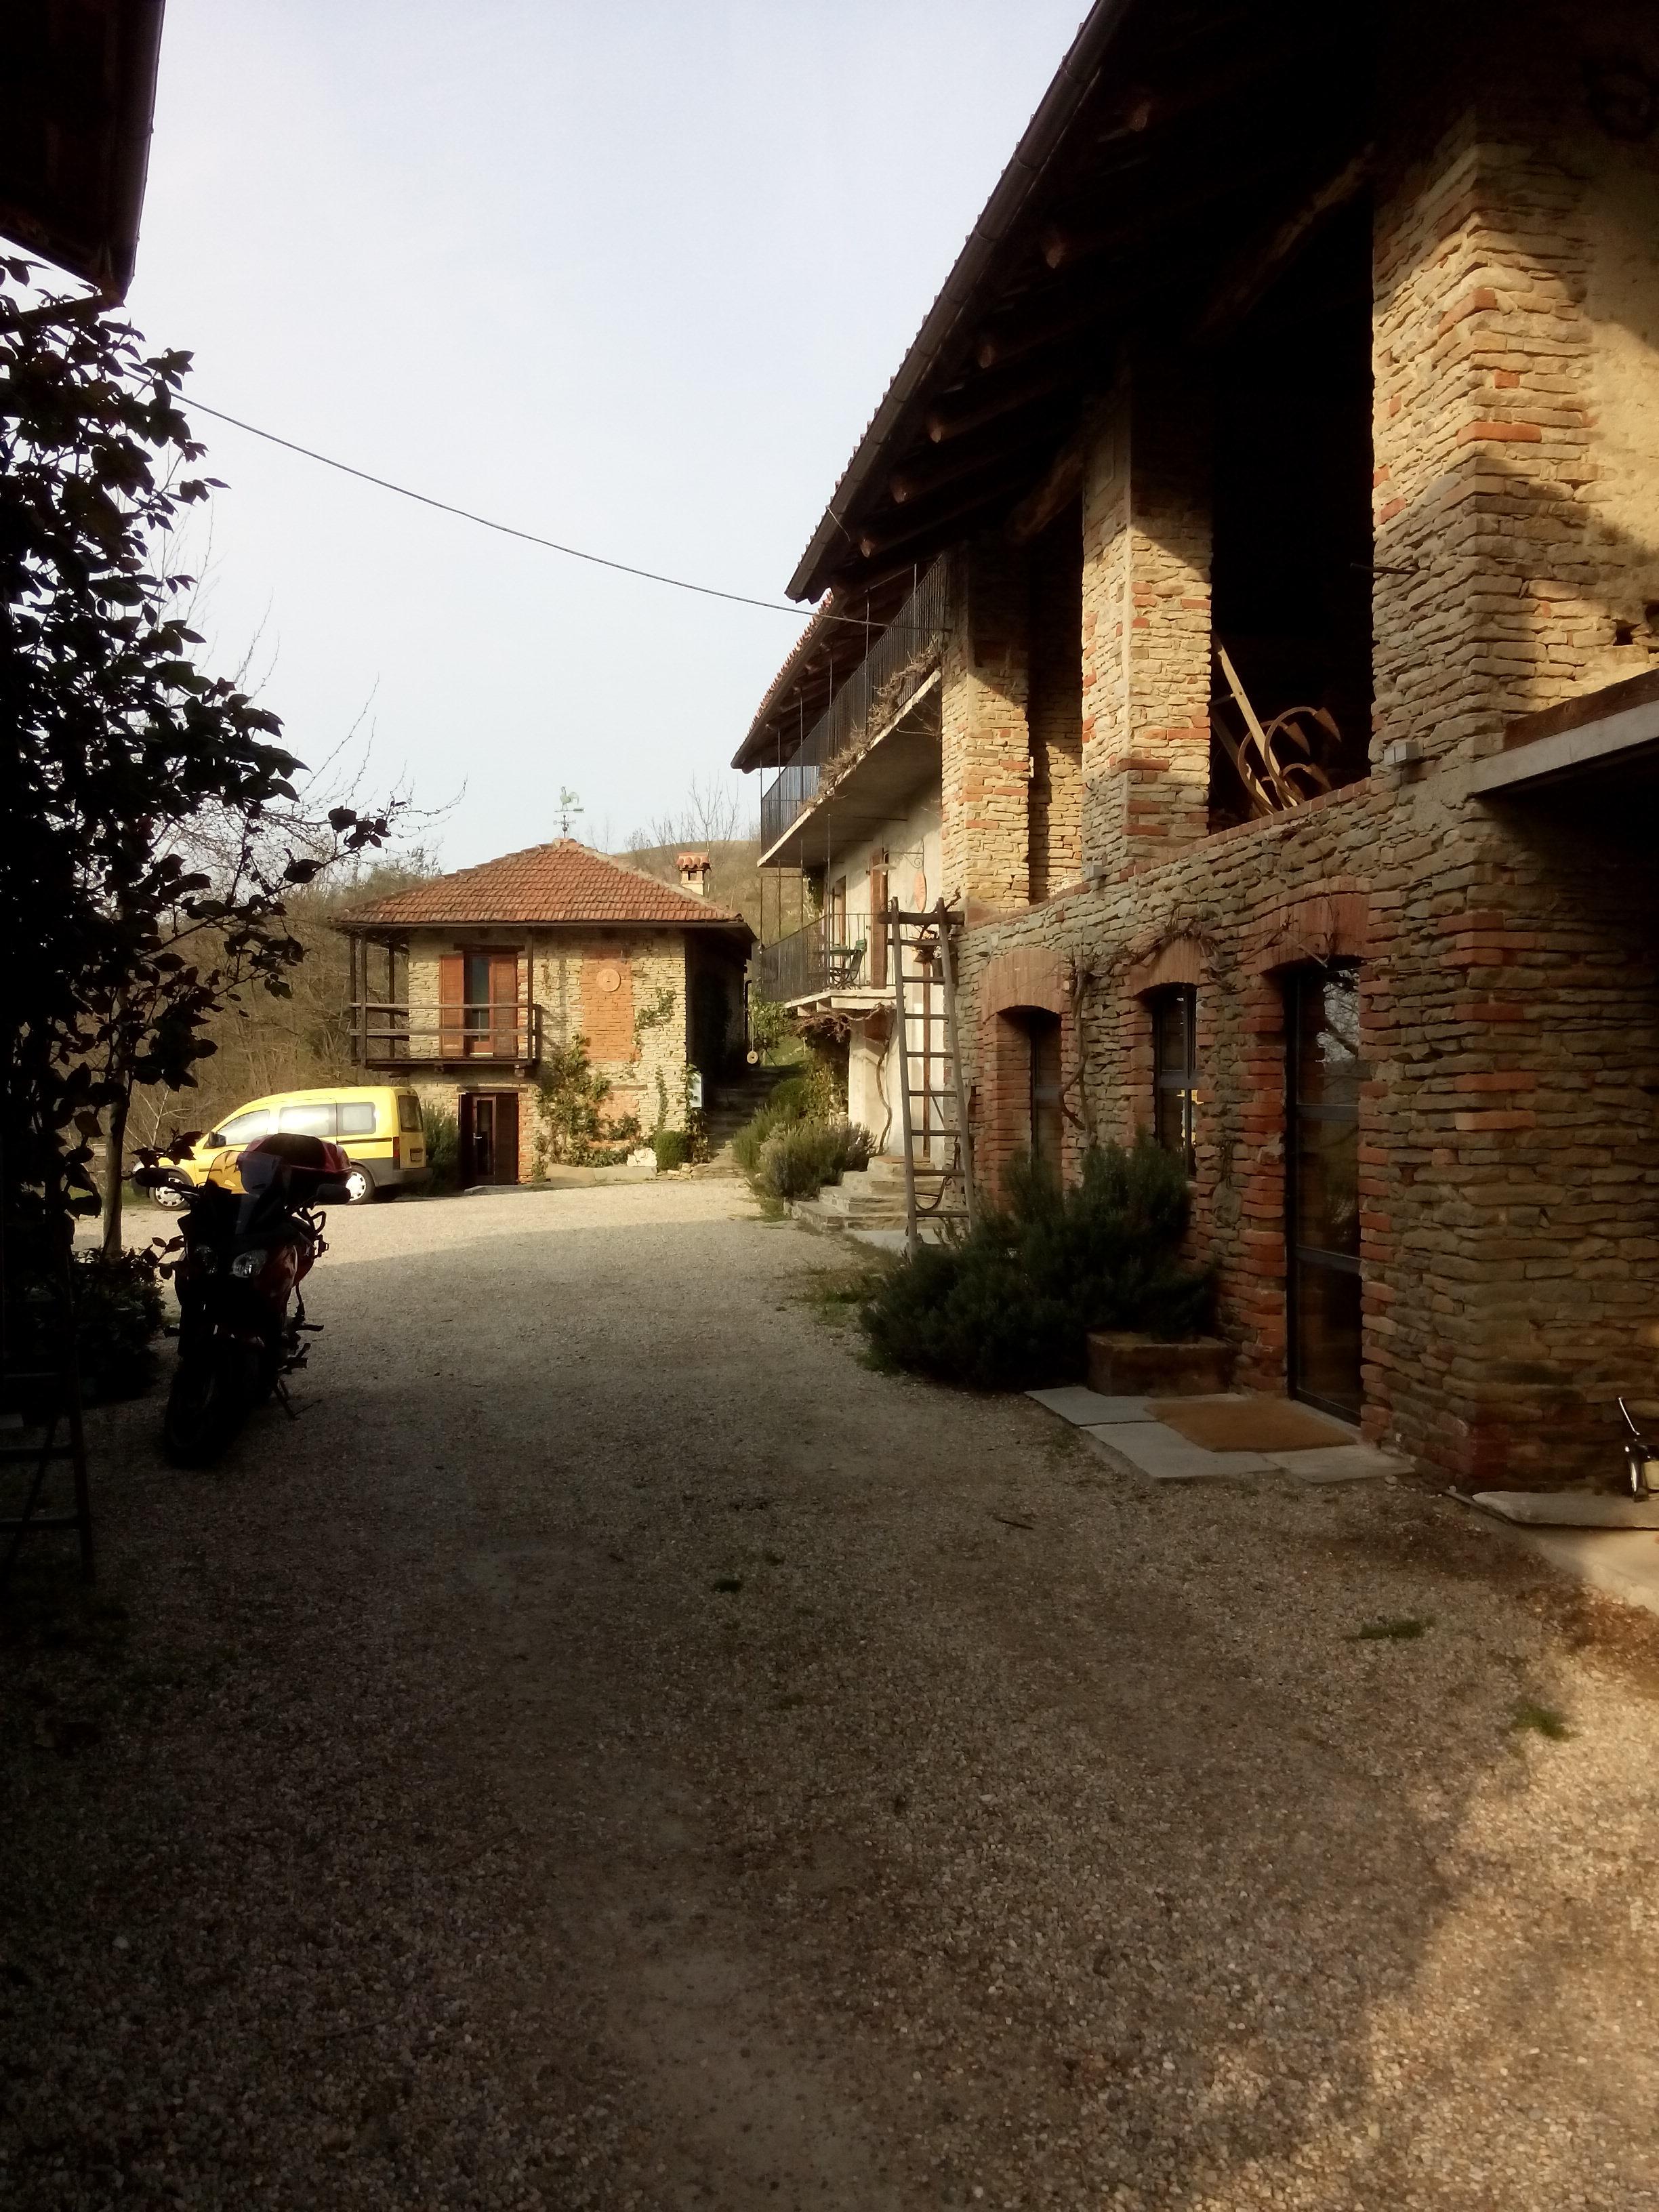 Proben im Piemont – wir haben den idealen Ort gefunden!